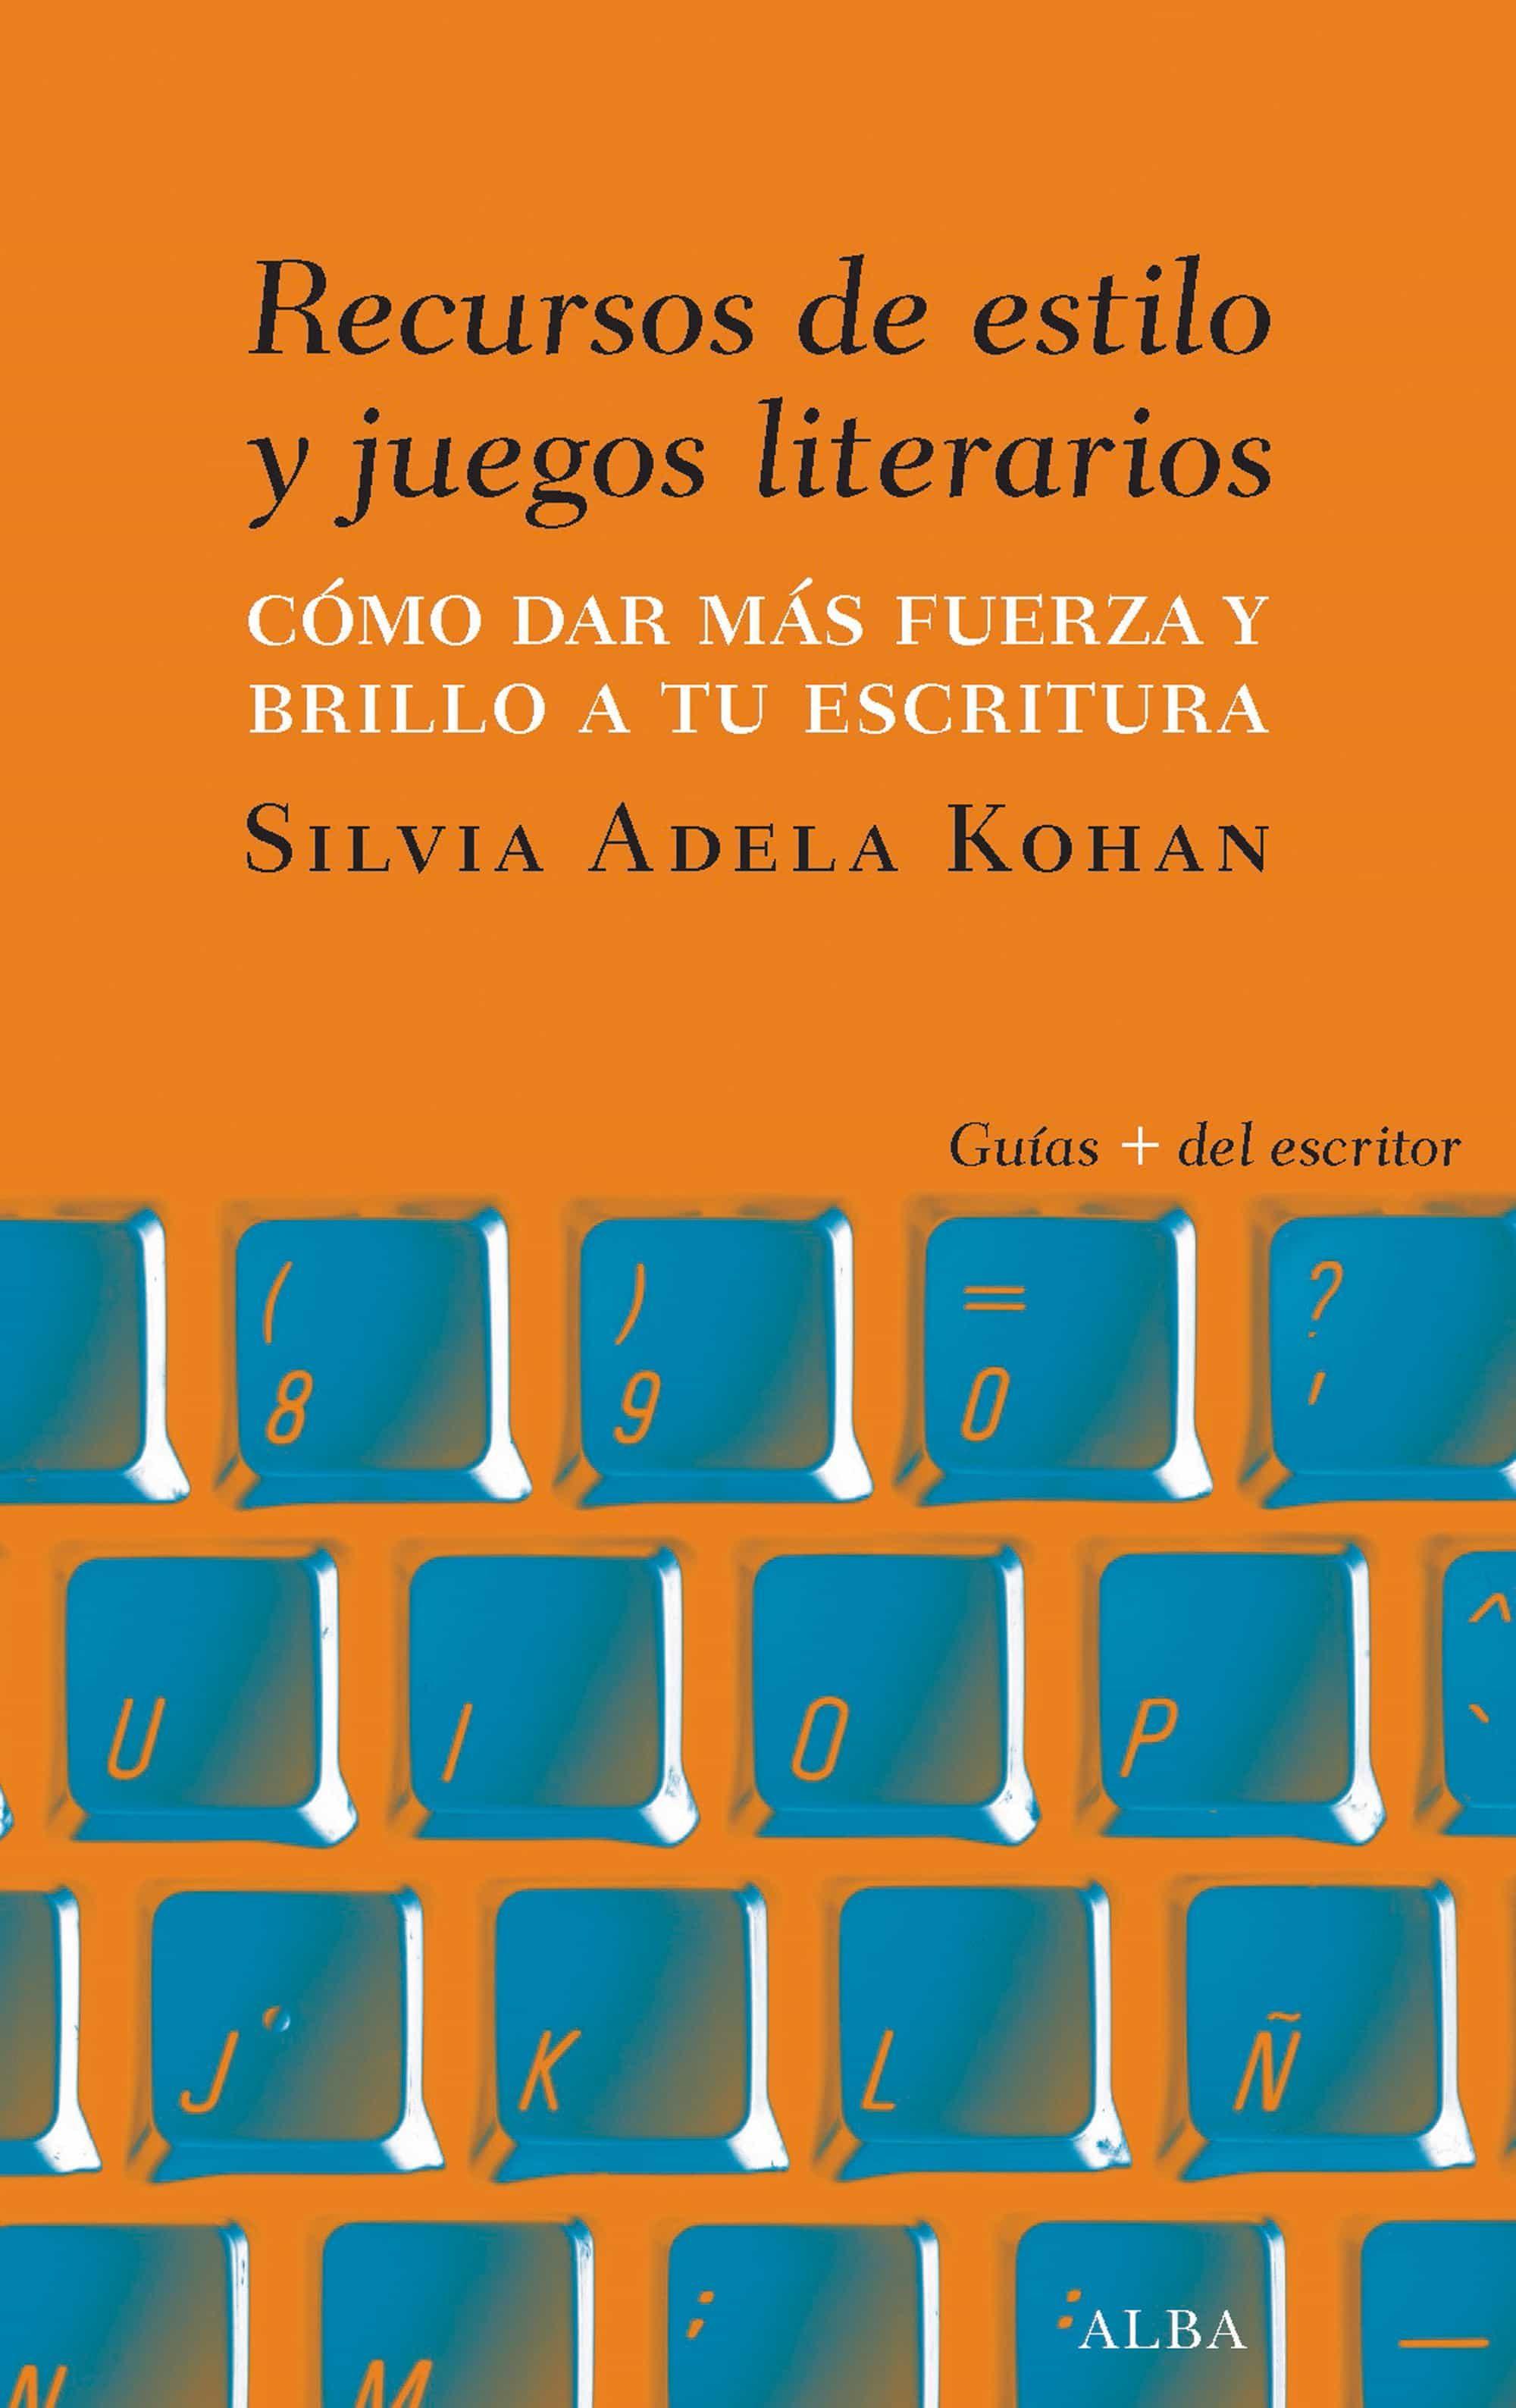 Recursos De Estilo Y Juegos Literarios   por Silvia Adela Kohan